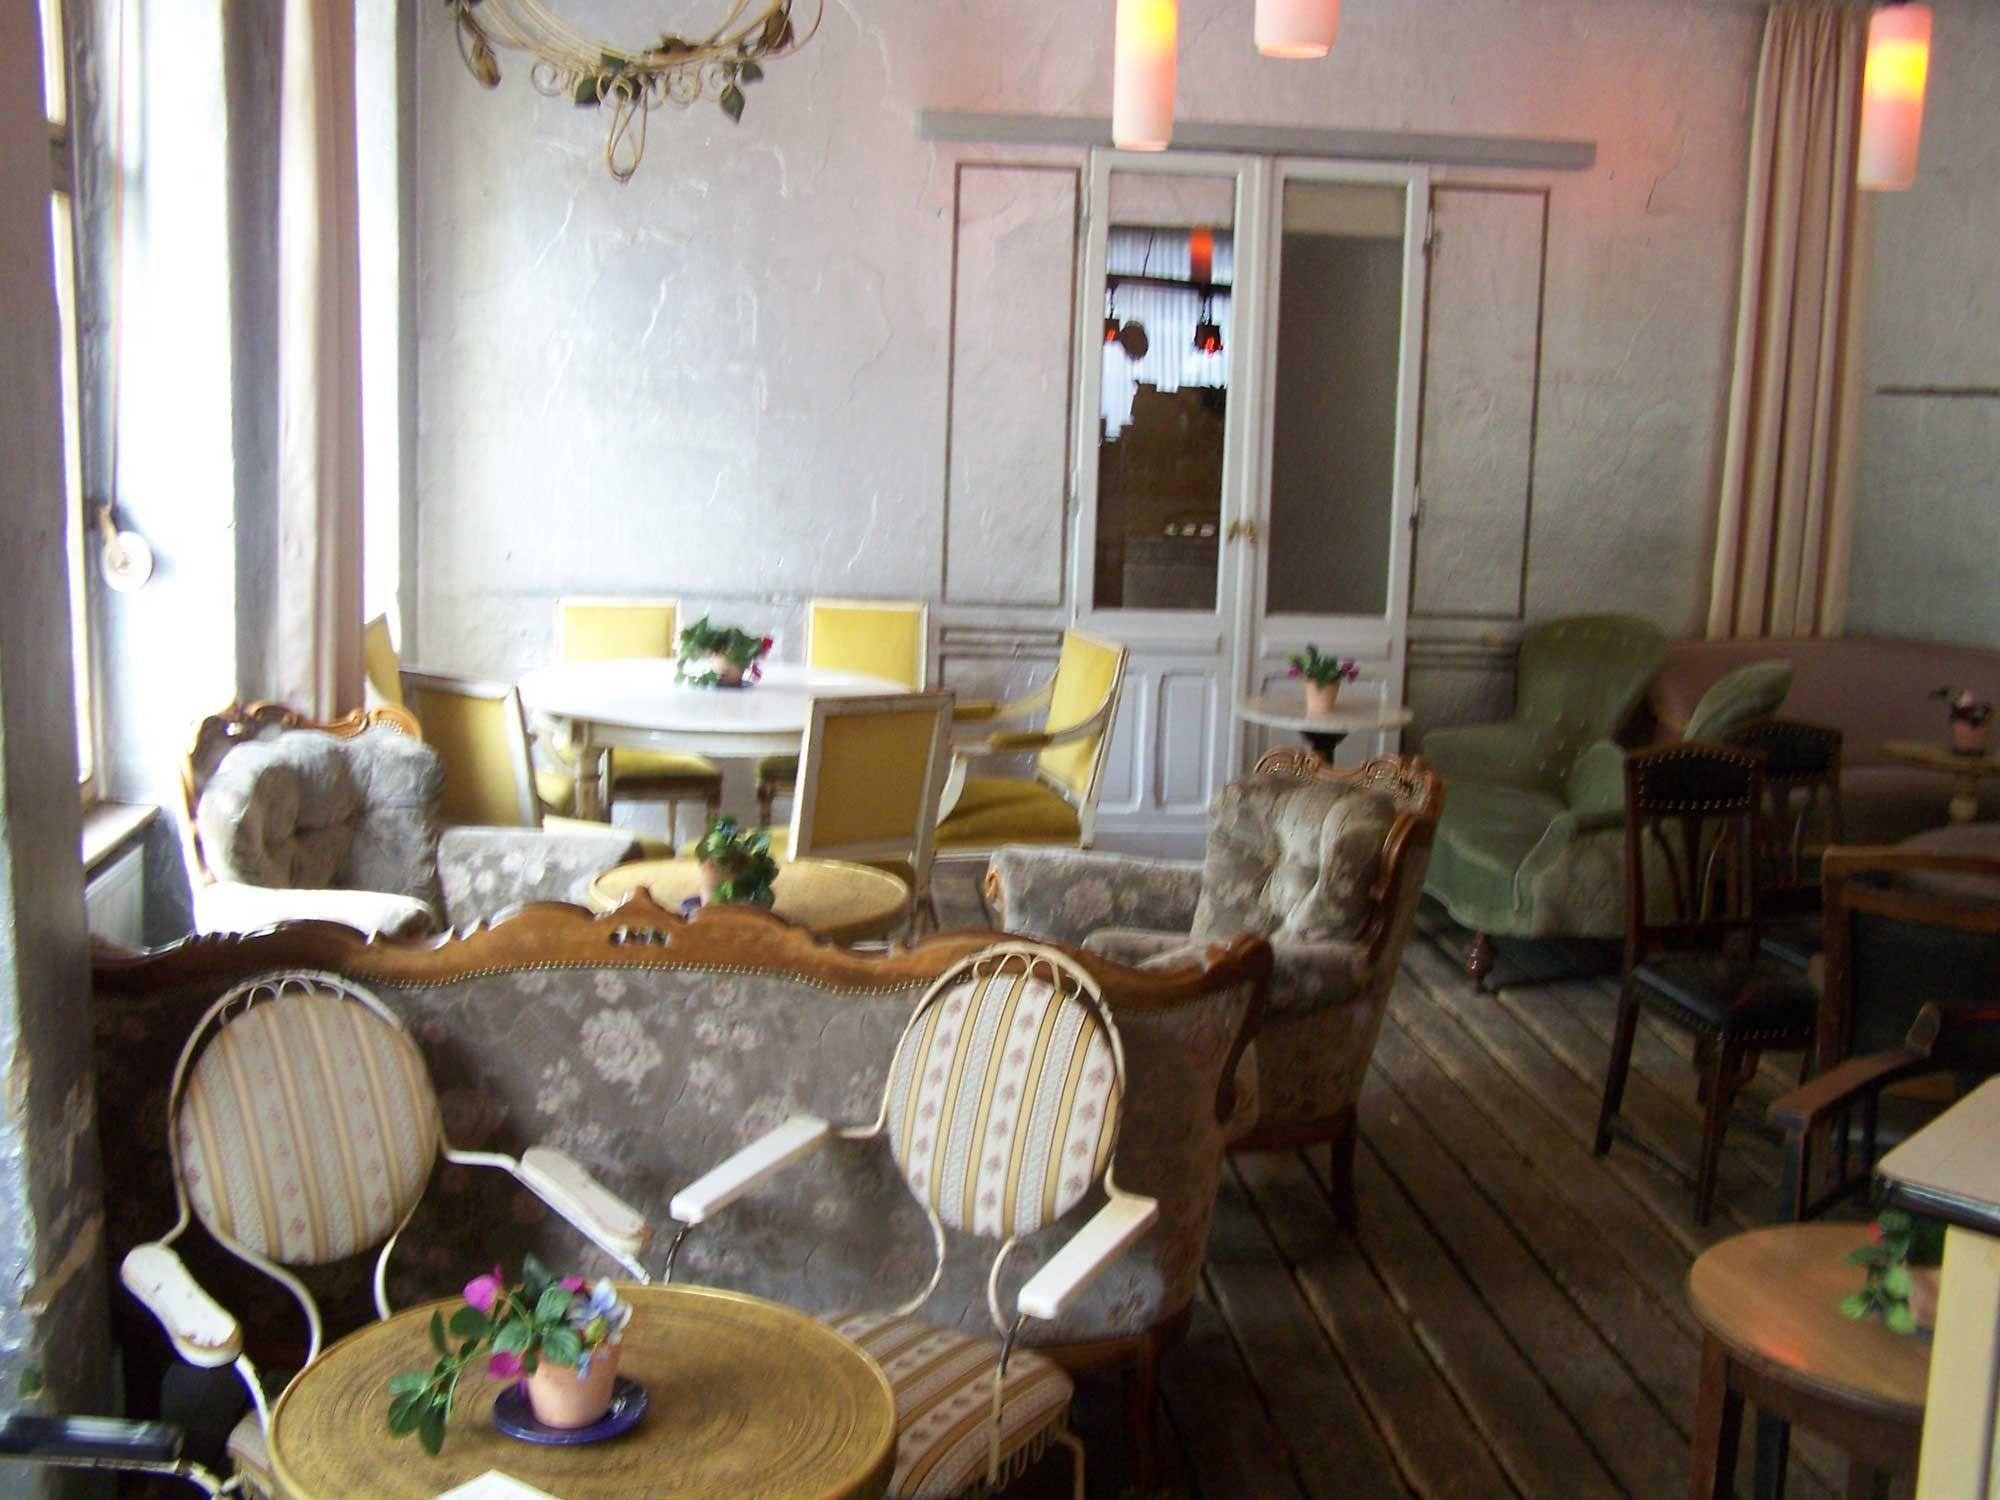 Wohnzimmer Bar | Wohnzimmer Bar Koeln